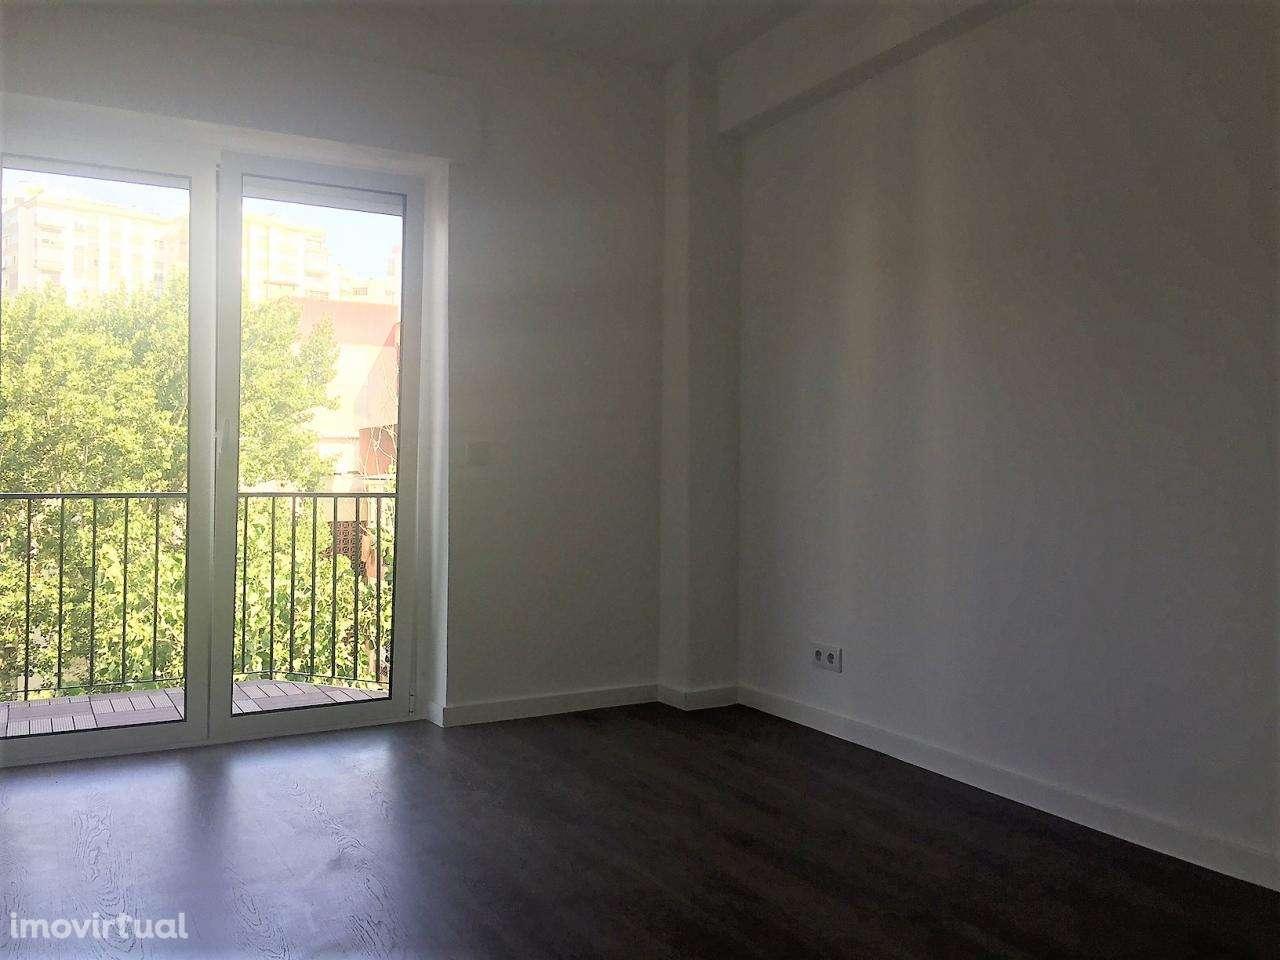 Apartamento para comprar, Carnaxide e Queijas, Oeiras, Lisboa - Foto 9